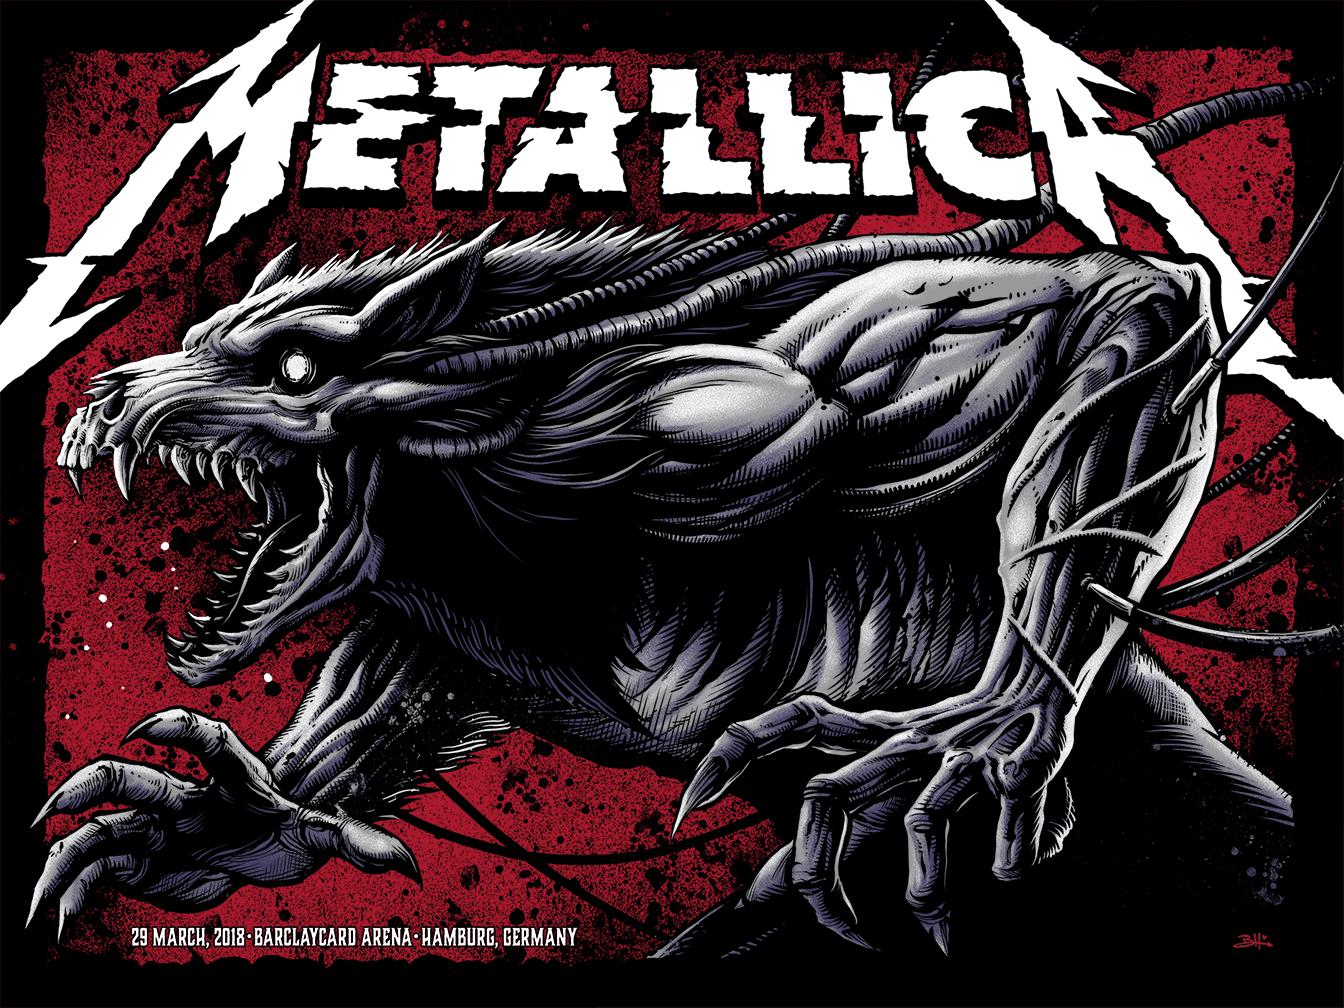 INSIDE THE ROCK POSTER FRAME BLOG: Brandon Heart Metallica